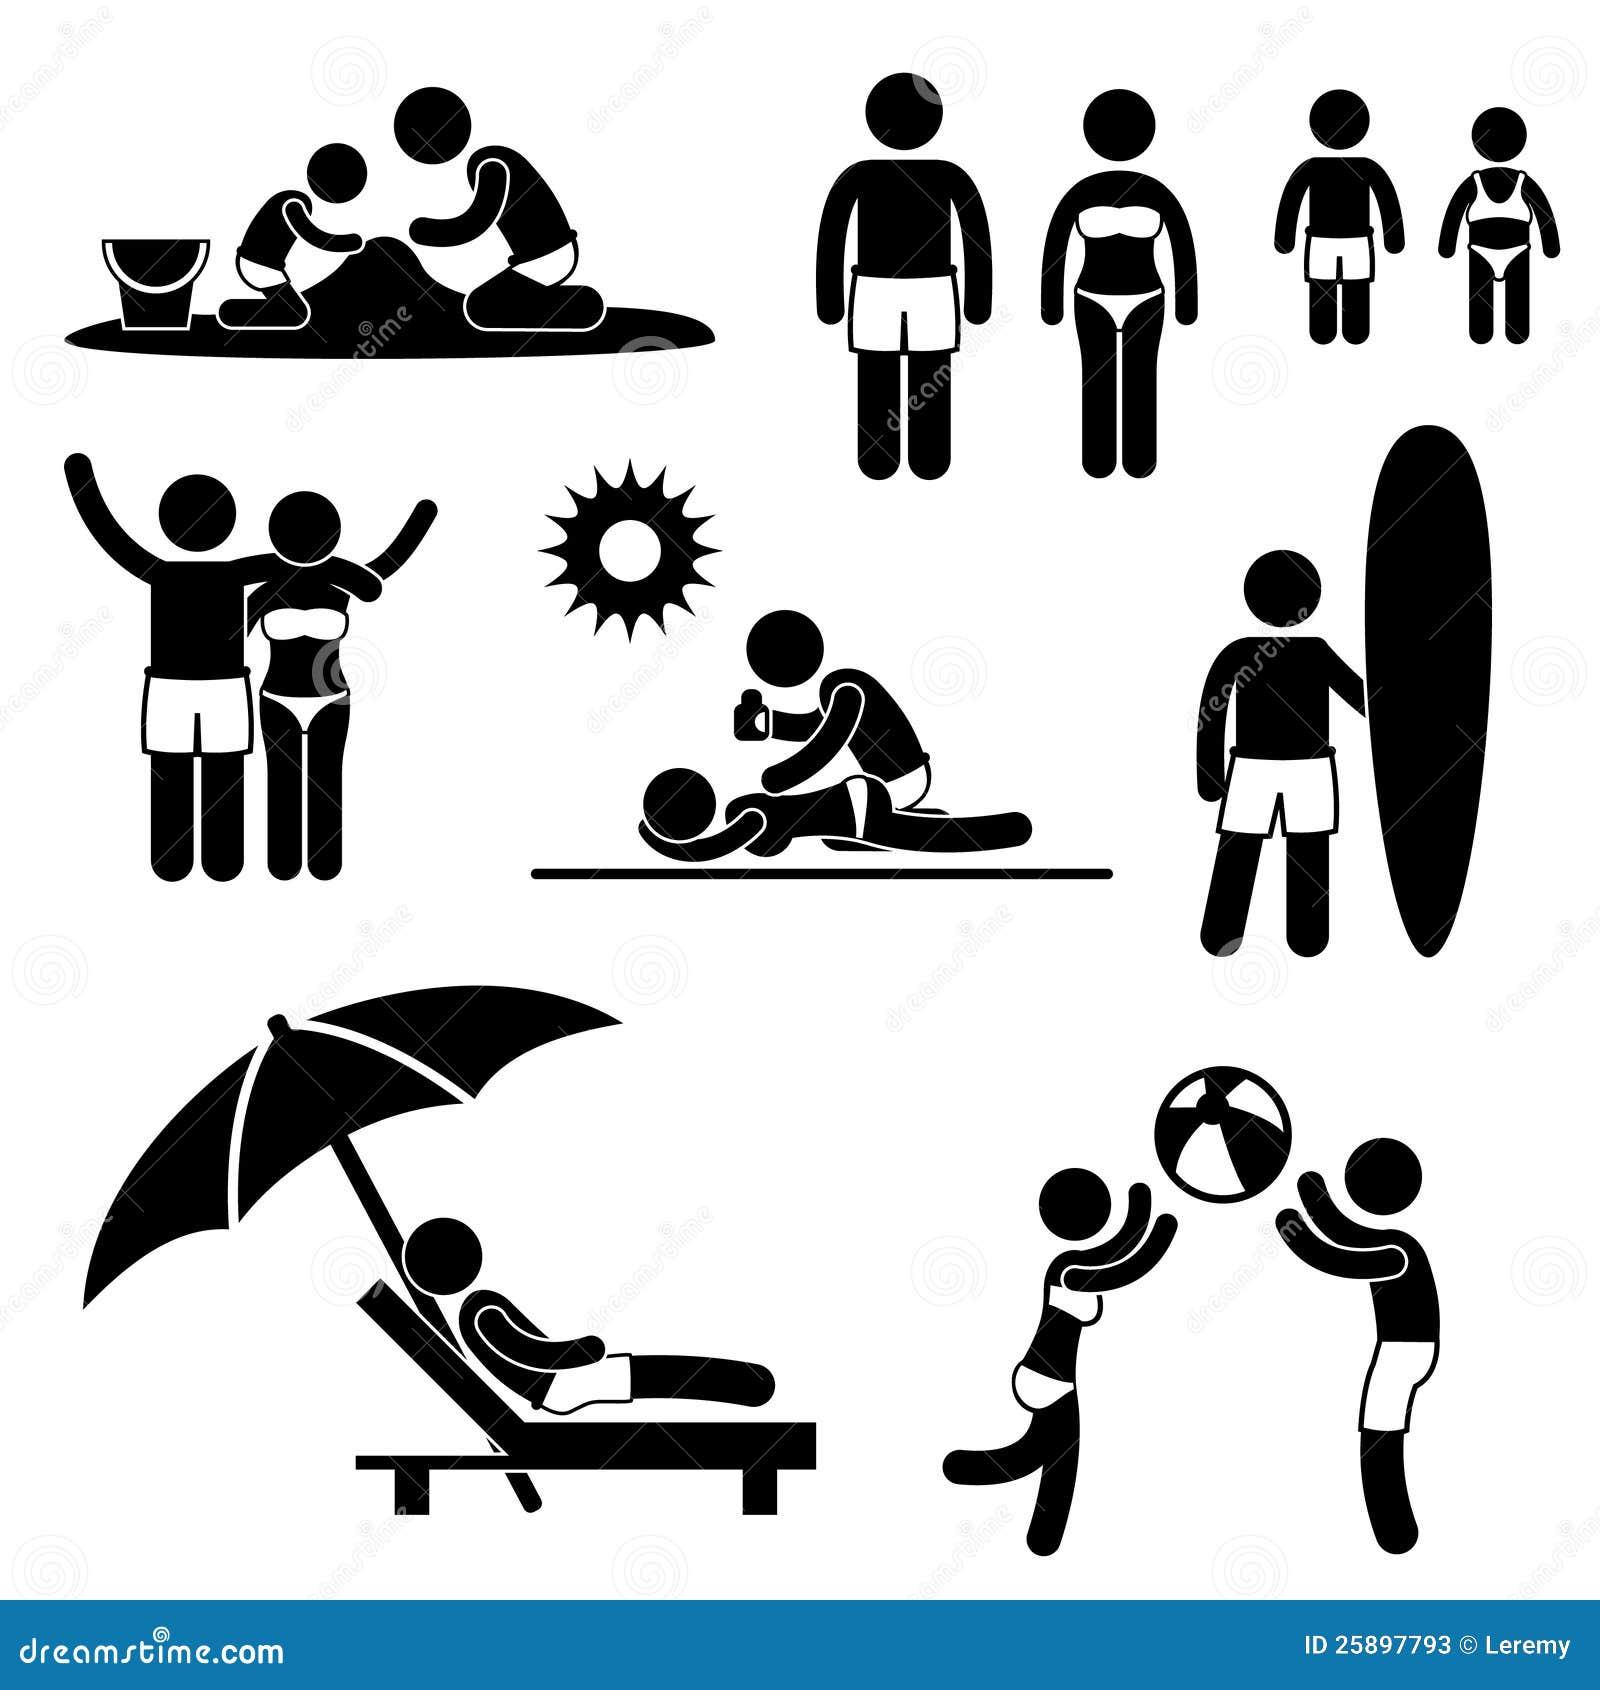 het pictogram van de vakantie van de vakantie van het strand van de zomer van de familie stock. Black Bedroom Furniture Sets. Home Design Ideas